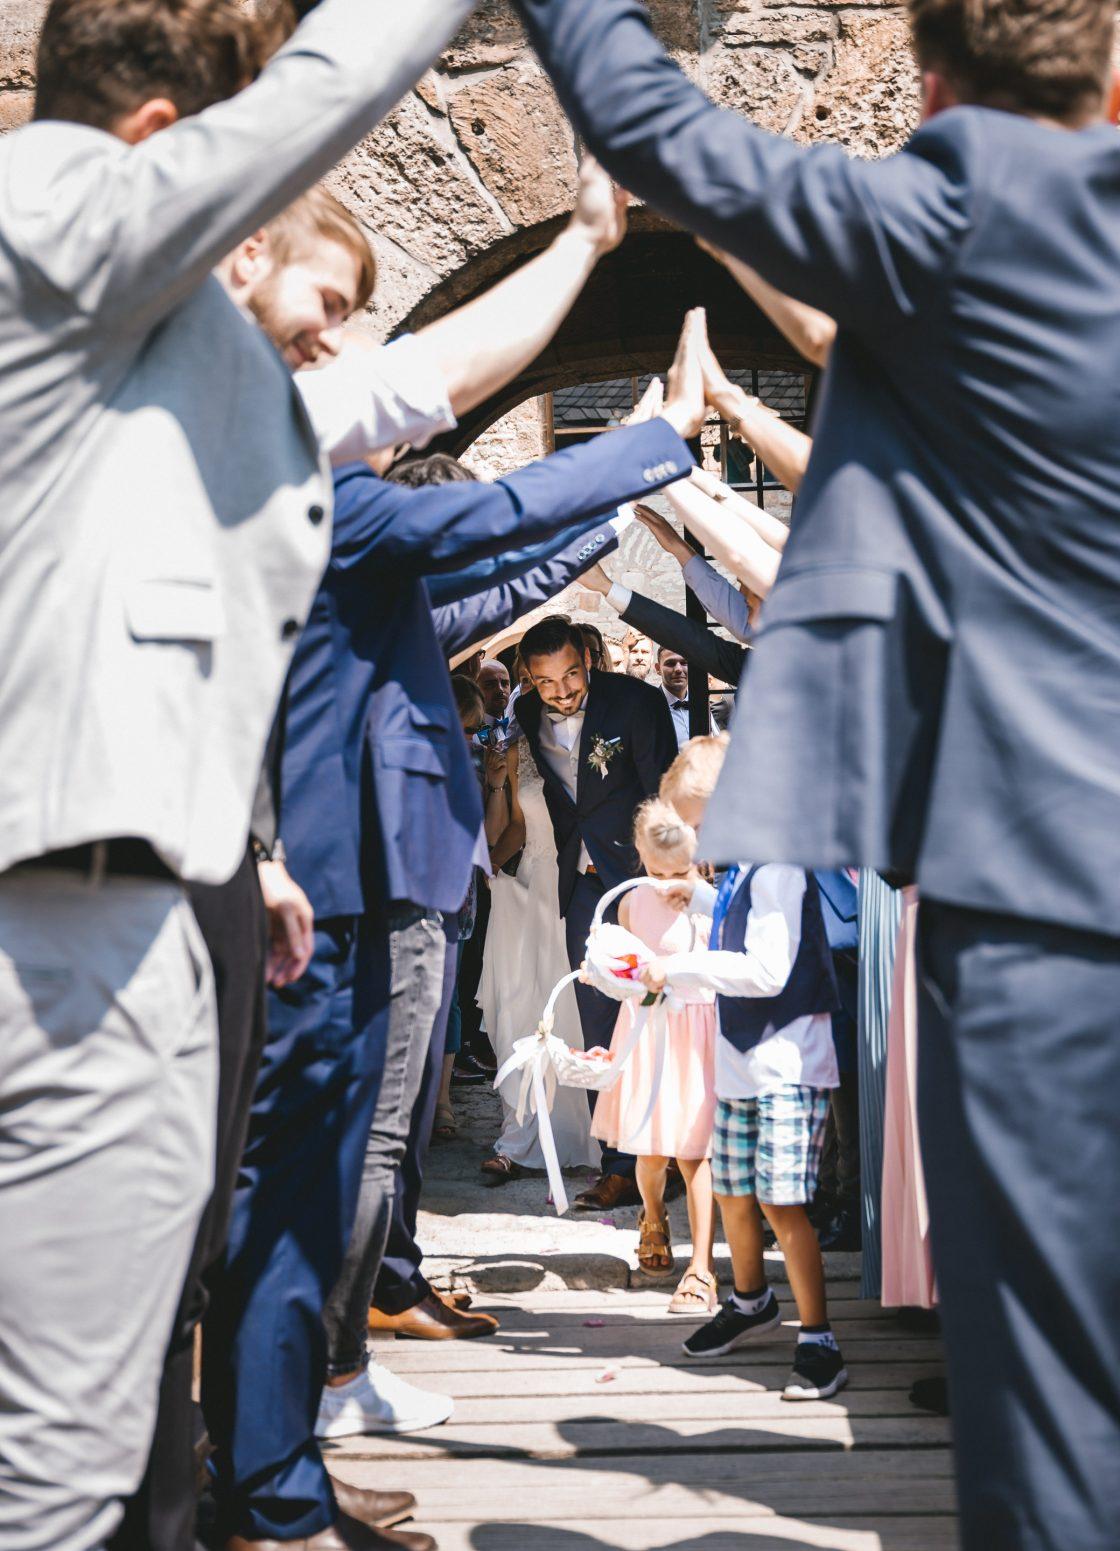 50mmfreunde Kranichfeld Hans am See Hohenfelden Hochzeit 0698 1120x1551 - 50mmfreunde_Kranichfeld_Hans-am-See_Hohenfelden_Hochzeit_0698